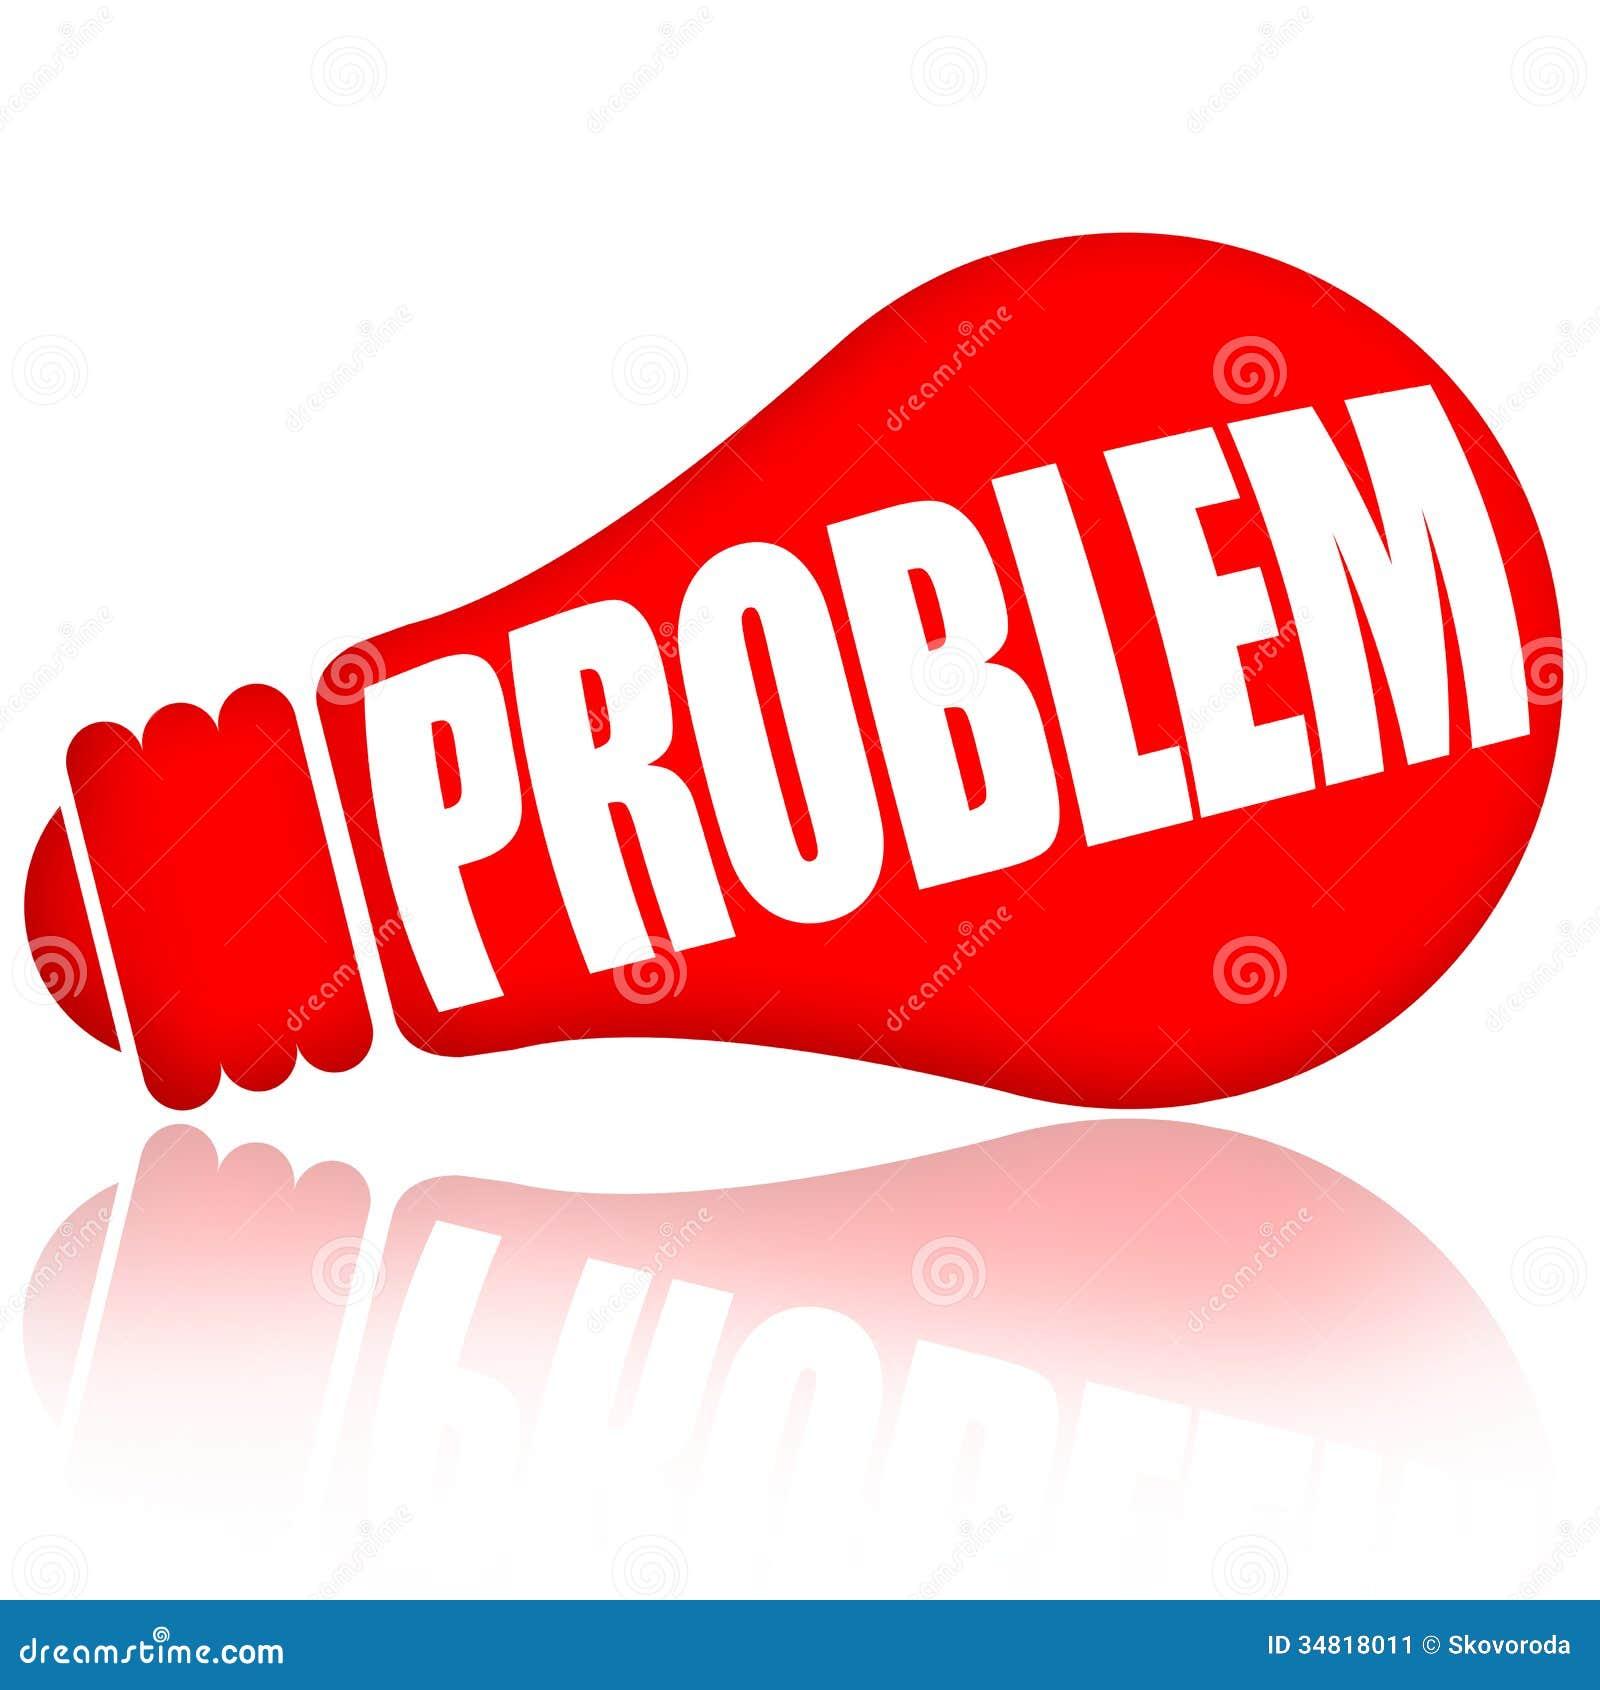 Probleemconcept